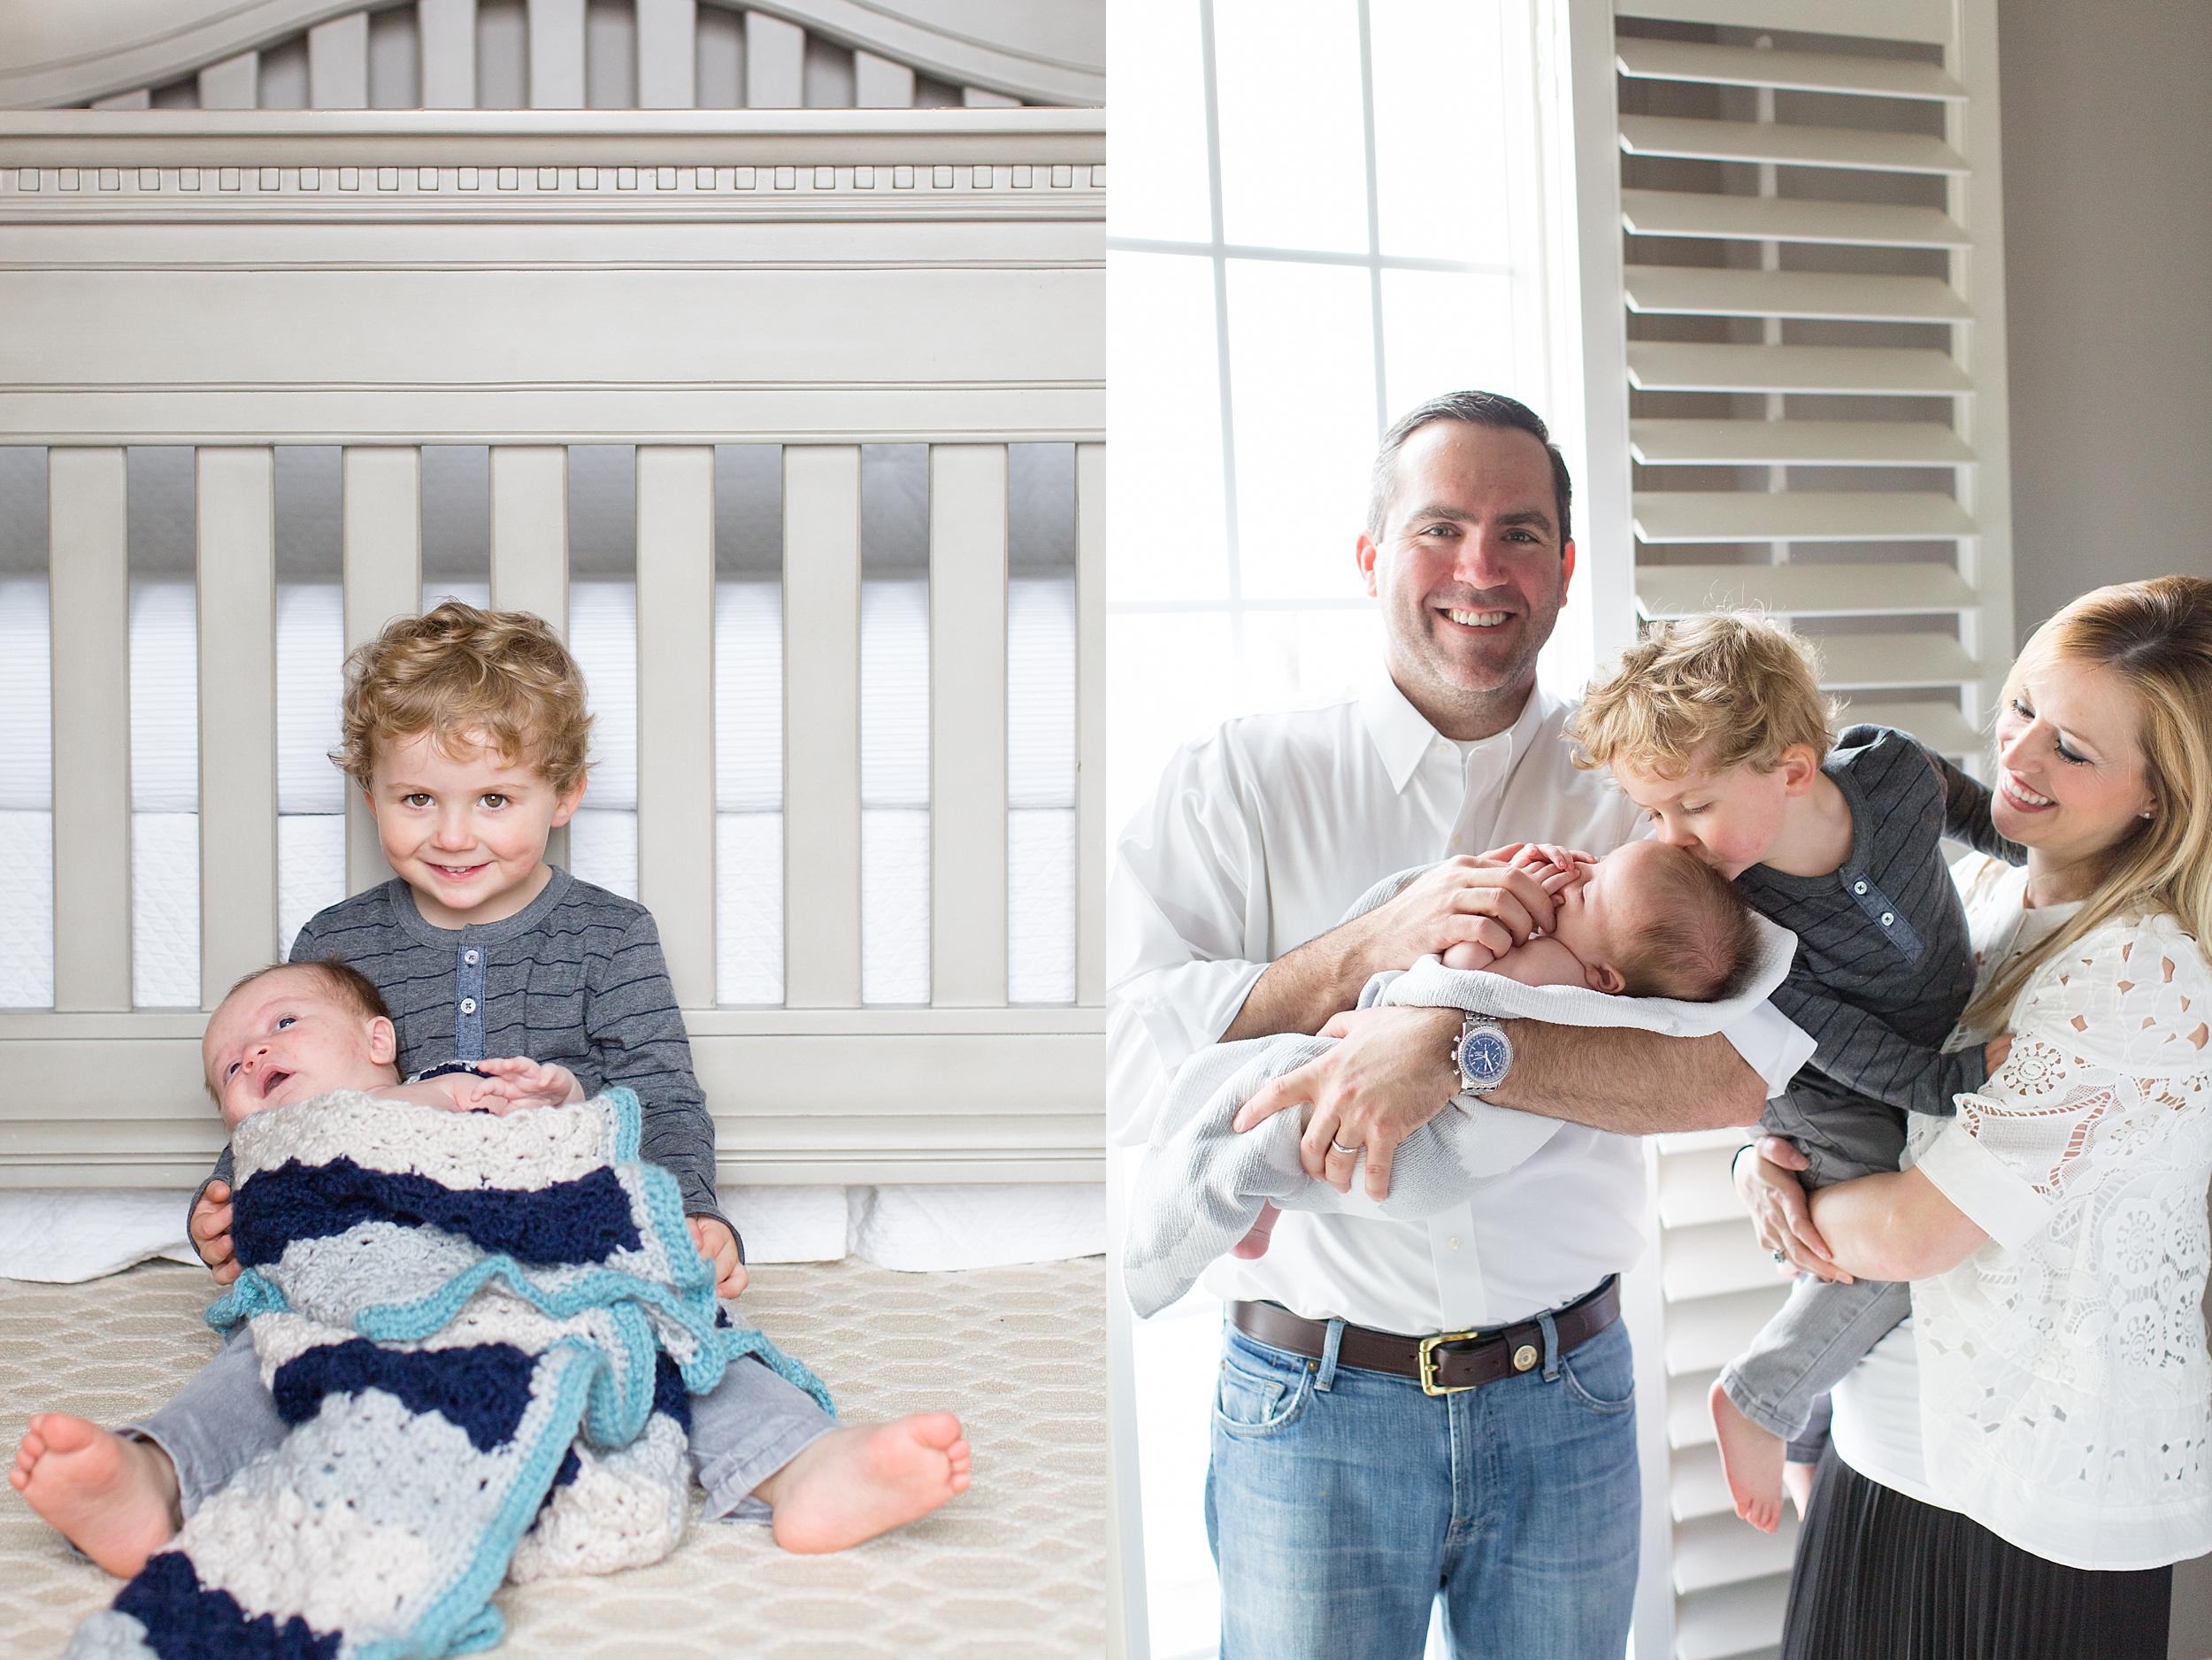 Landon-Schneider-Photography-Liverance-Newborn-Session-McKinney-Texas_0025.jpg